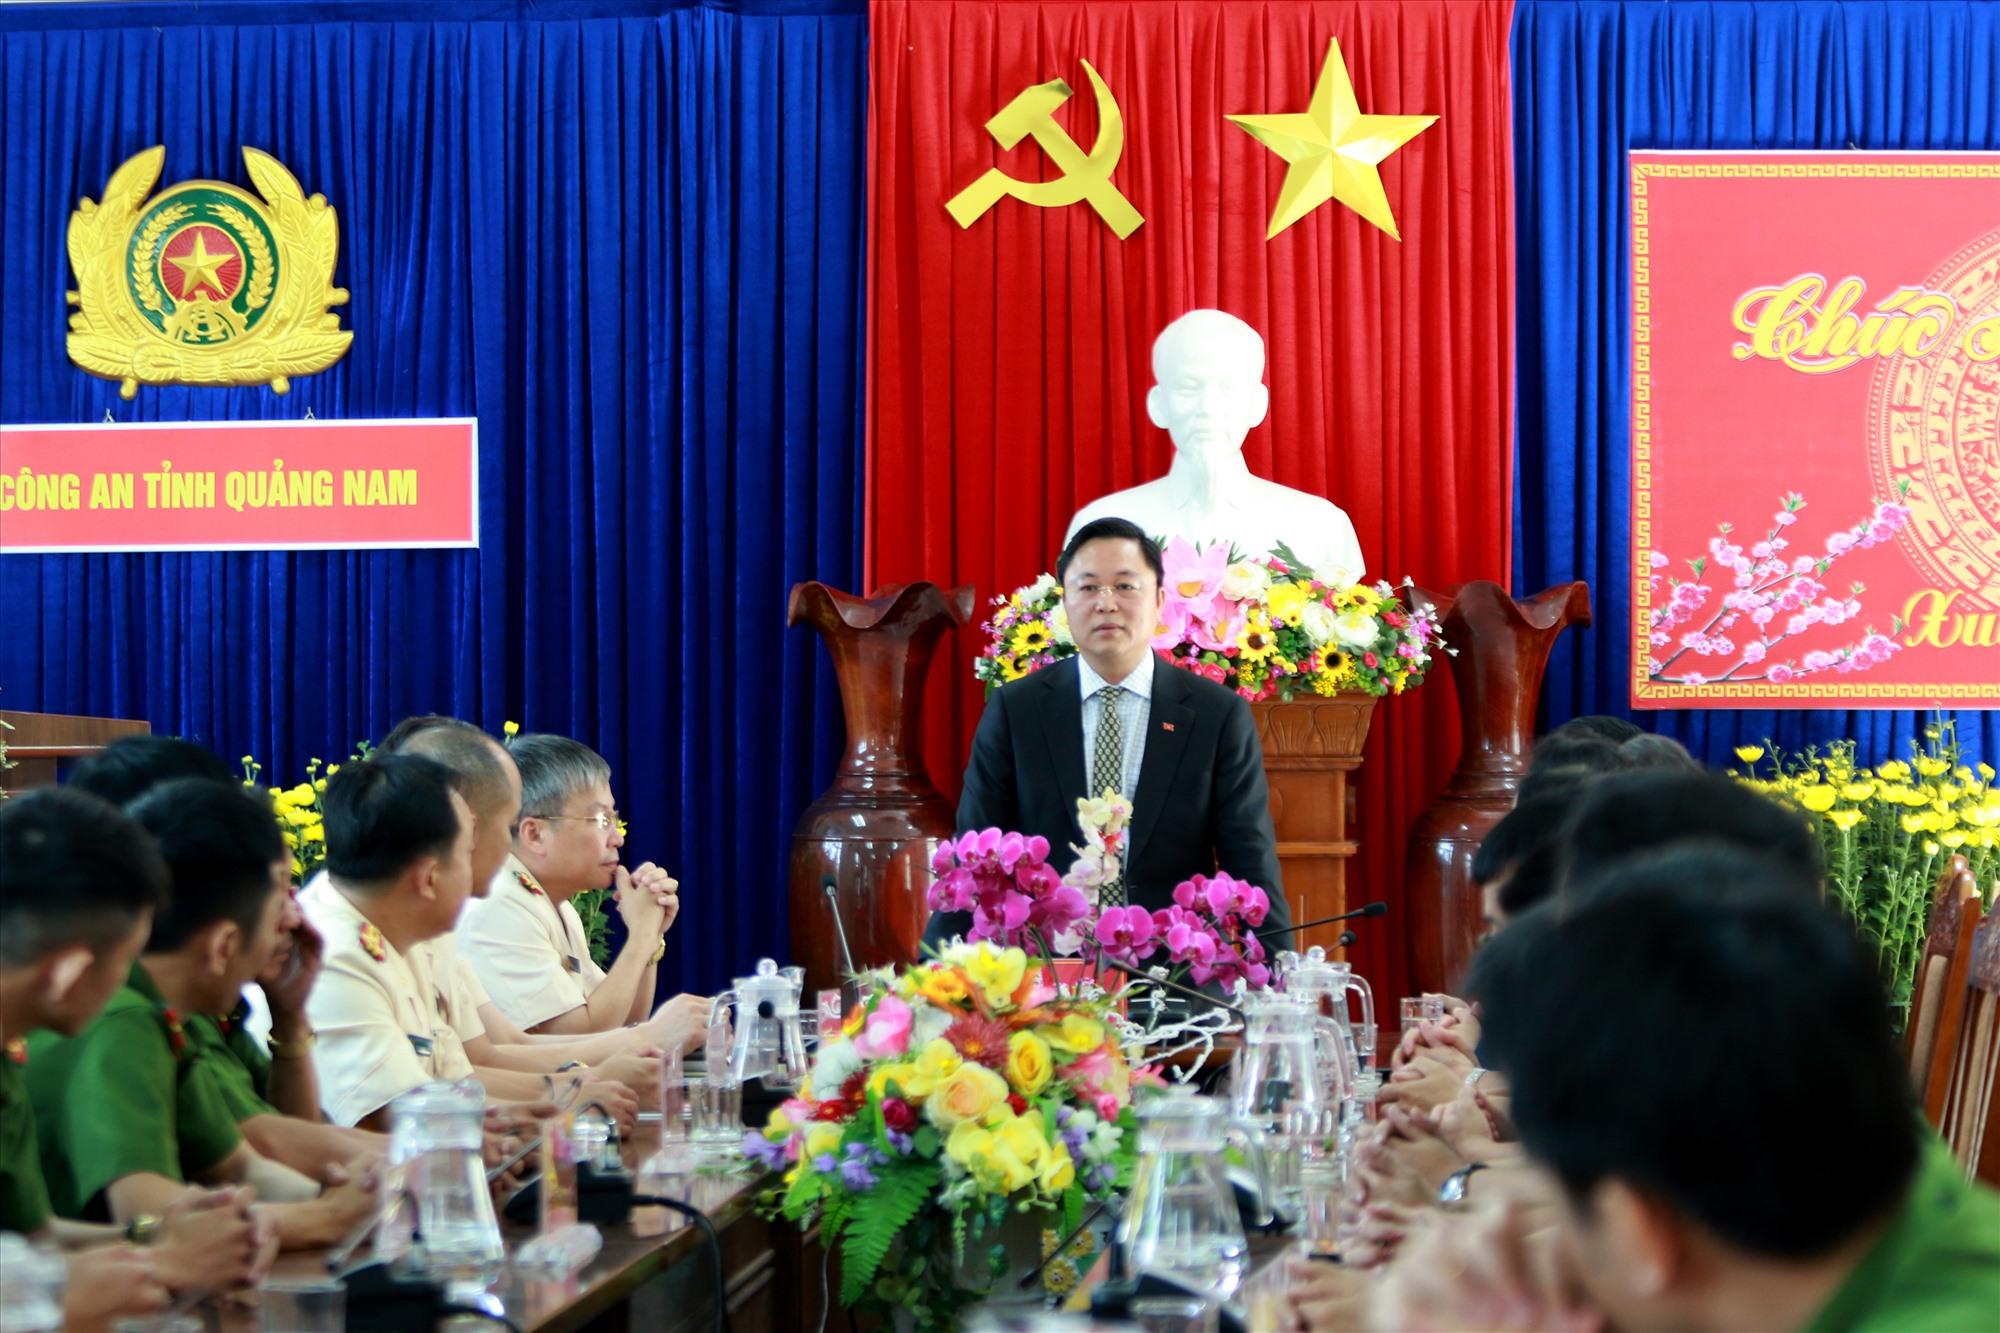 Chủ tịch UBND tỉnh Lê Trí Thanh thăm, chúc Tết lãnh đạo, cán bộ chiến sĩ Công an tỉnh sáng mồng Một Tết Nguyên đán Canh Tý. Ảnh: T.C